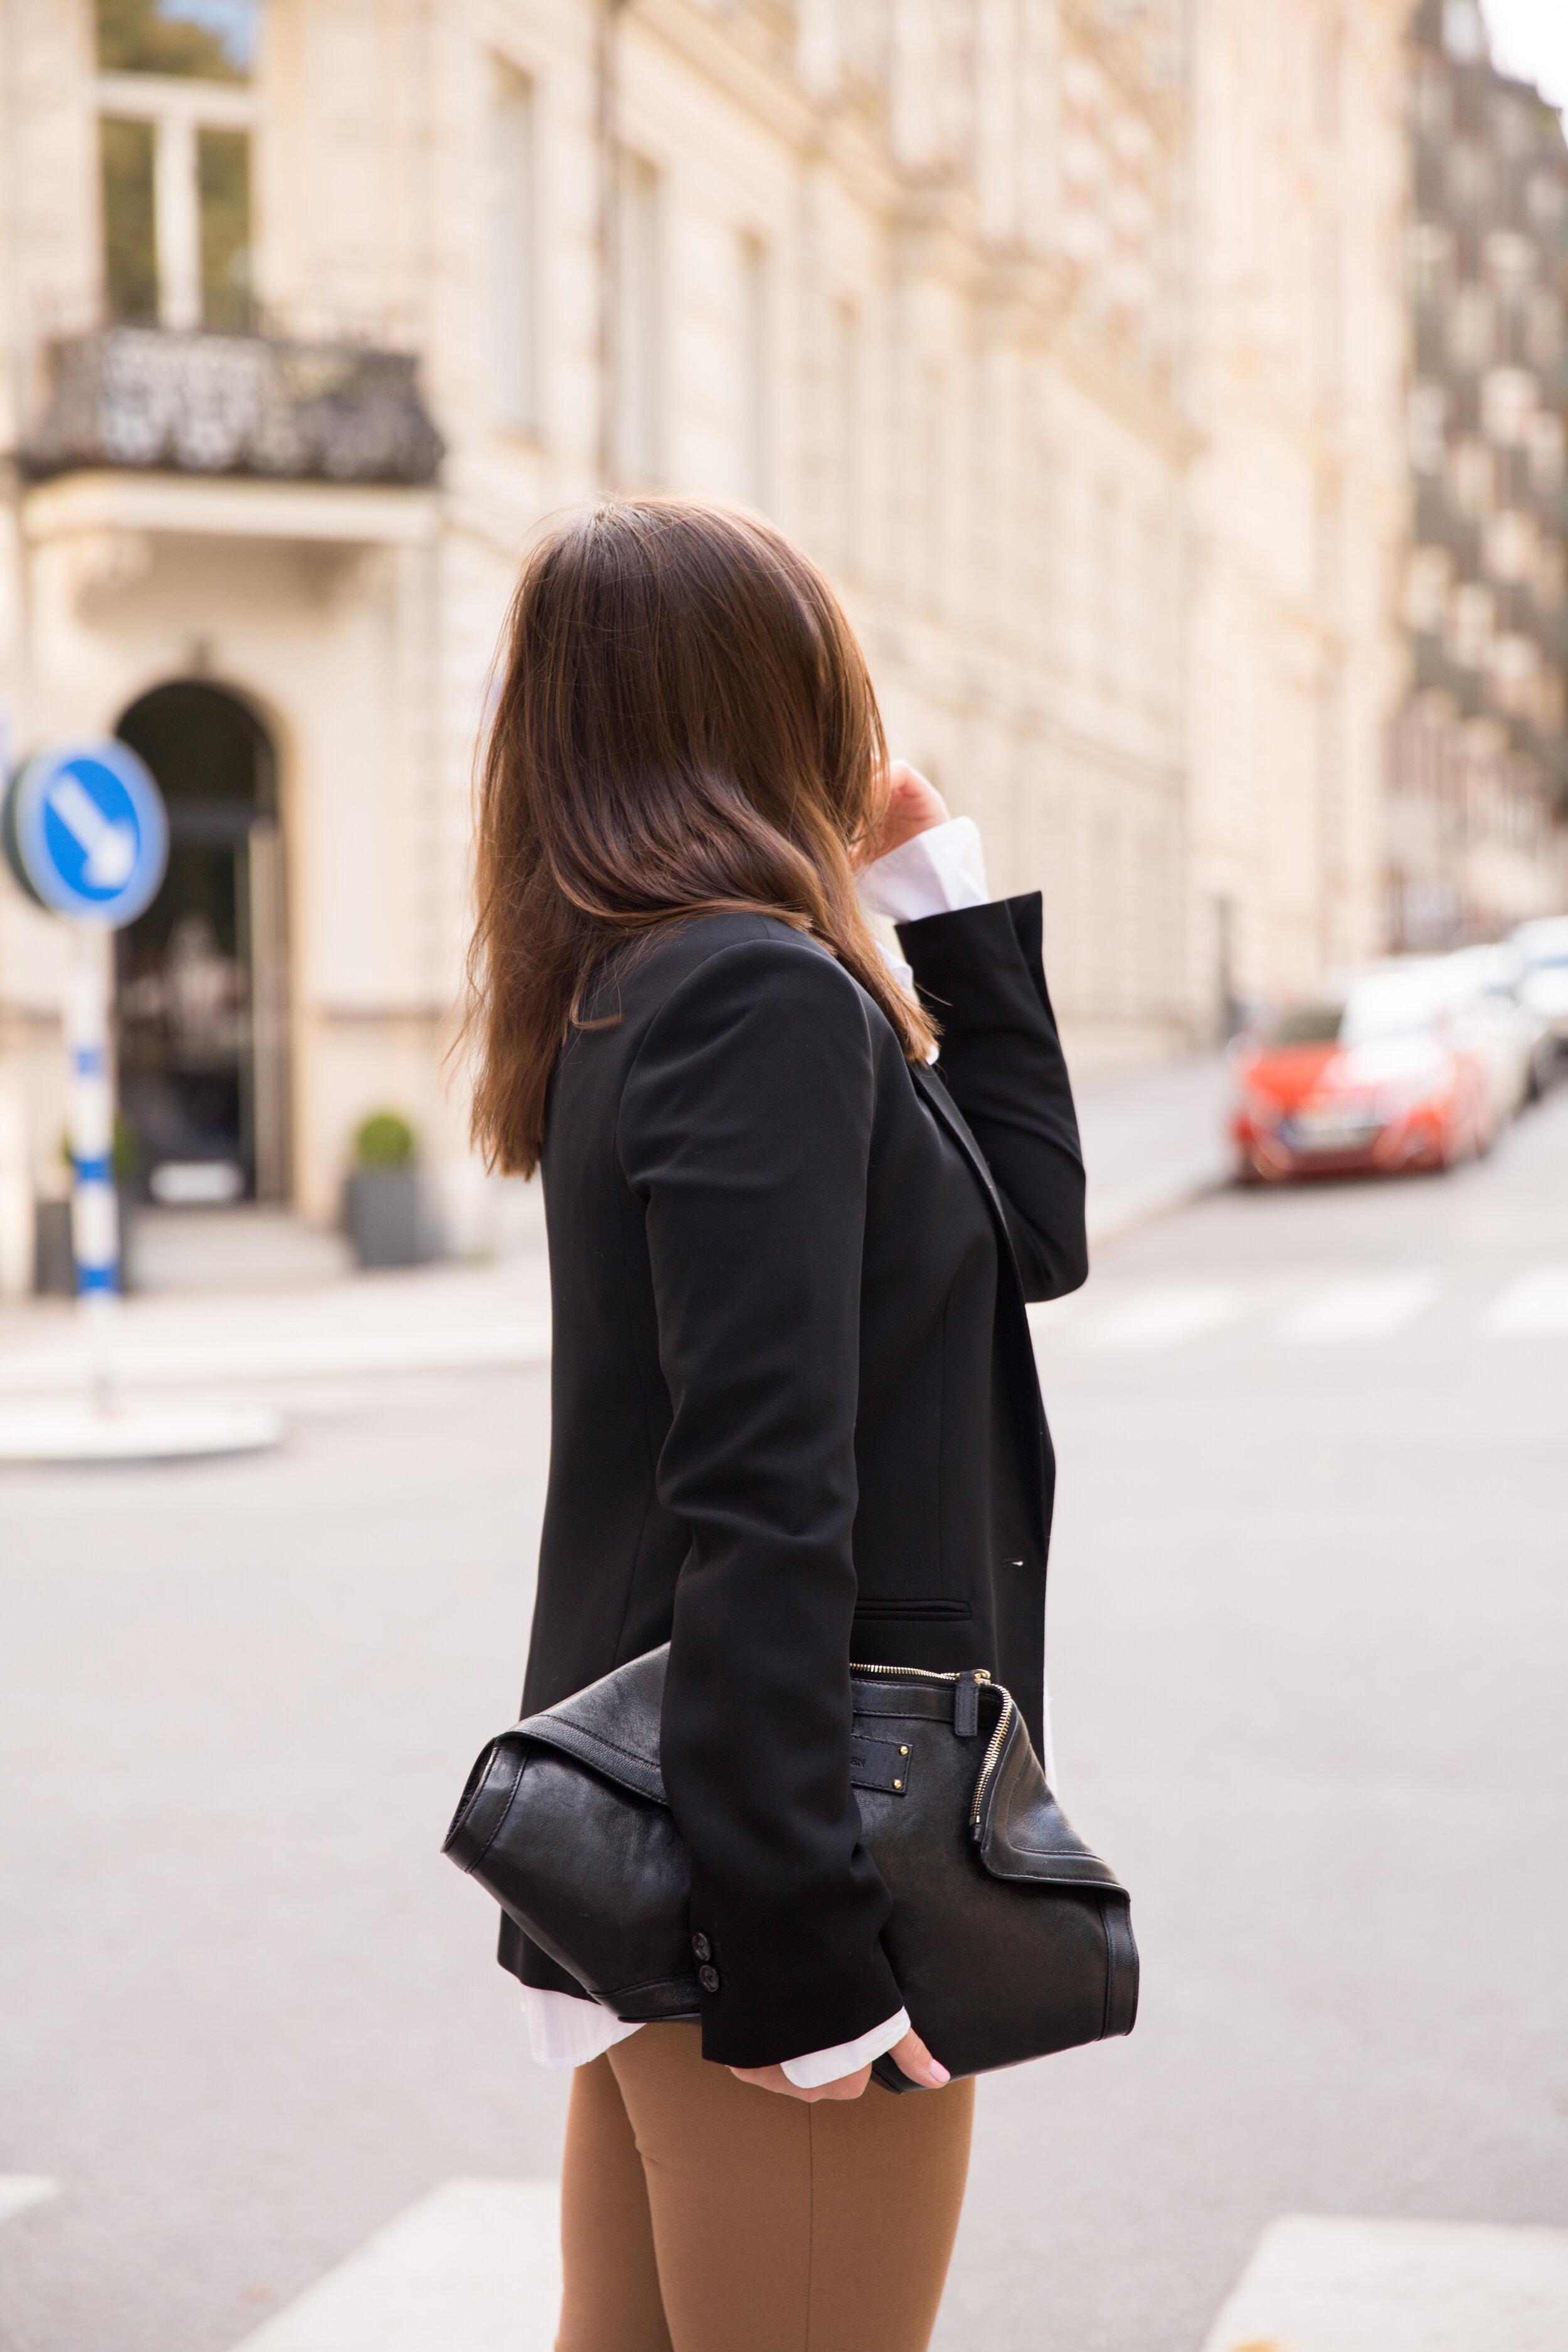 Angelica Aurell stil mode modeblogg.jpg